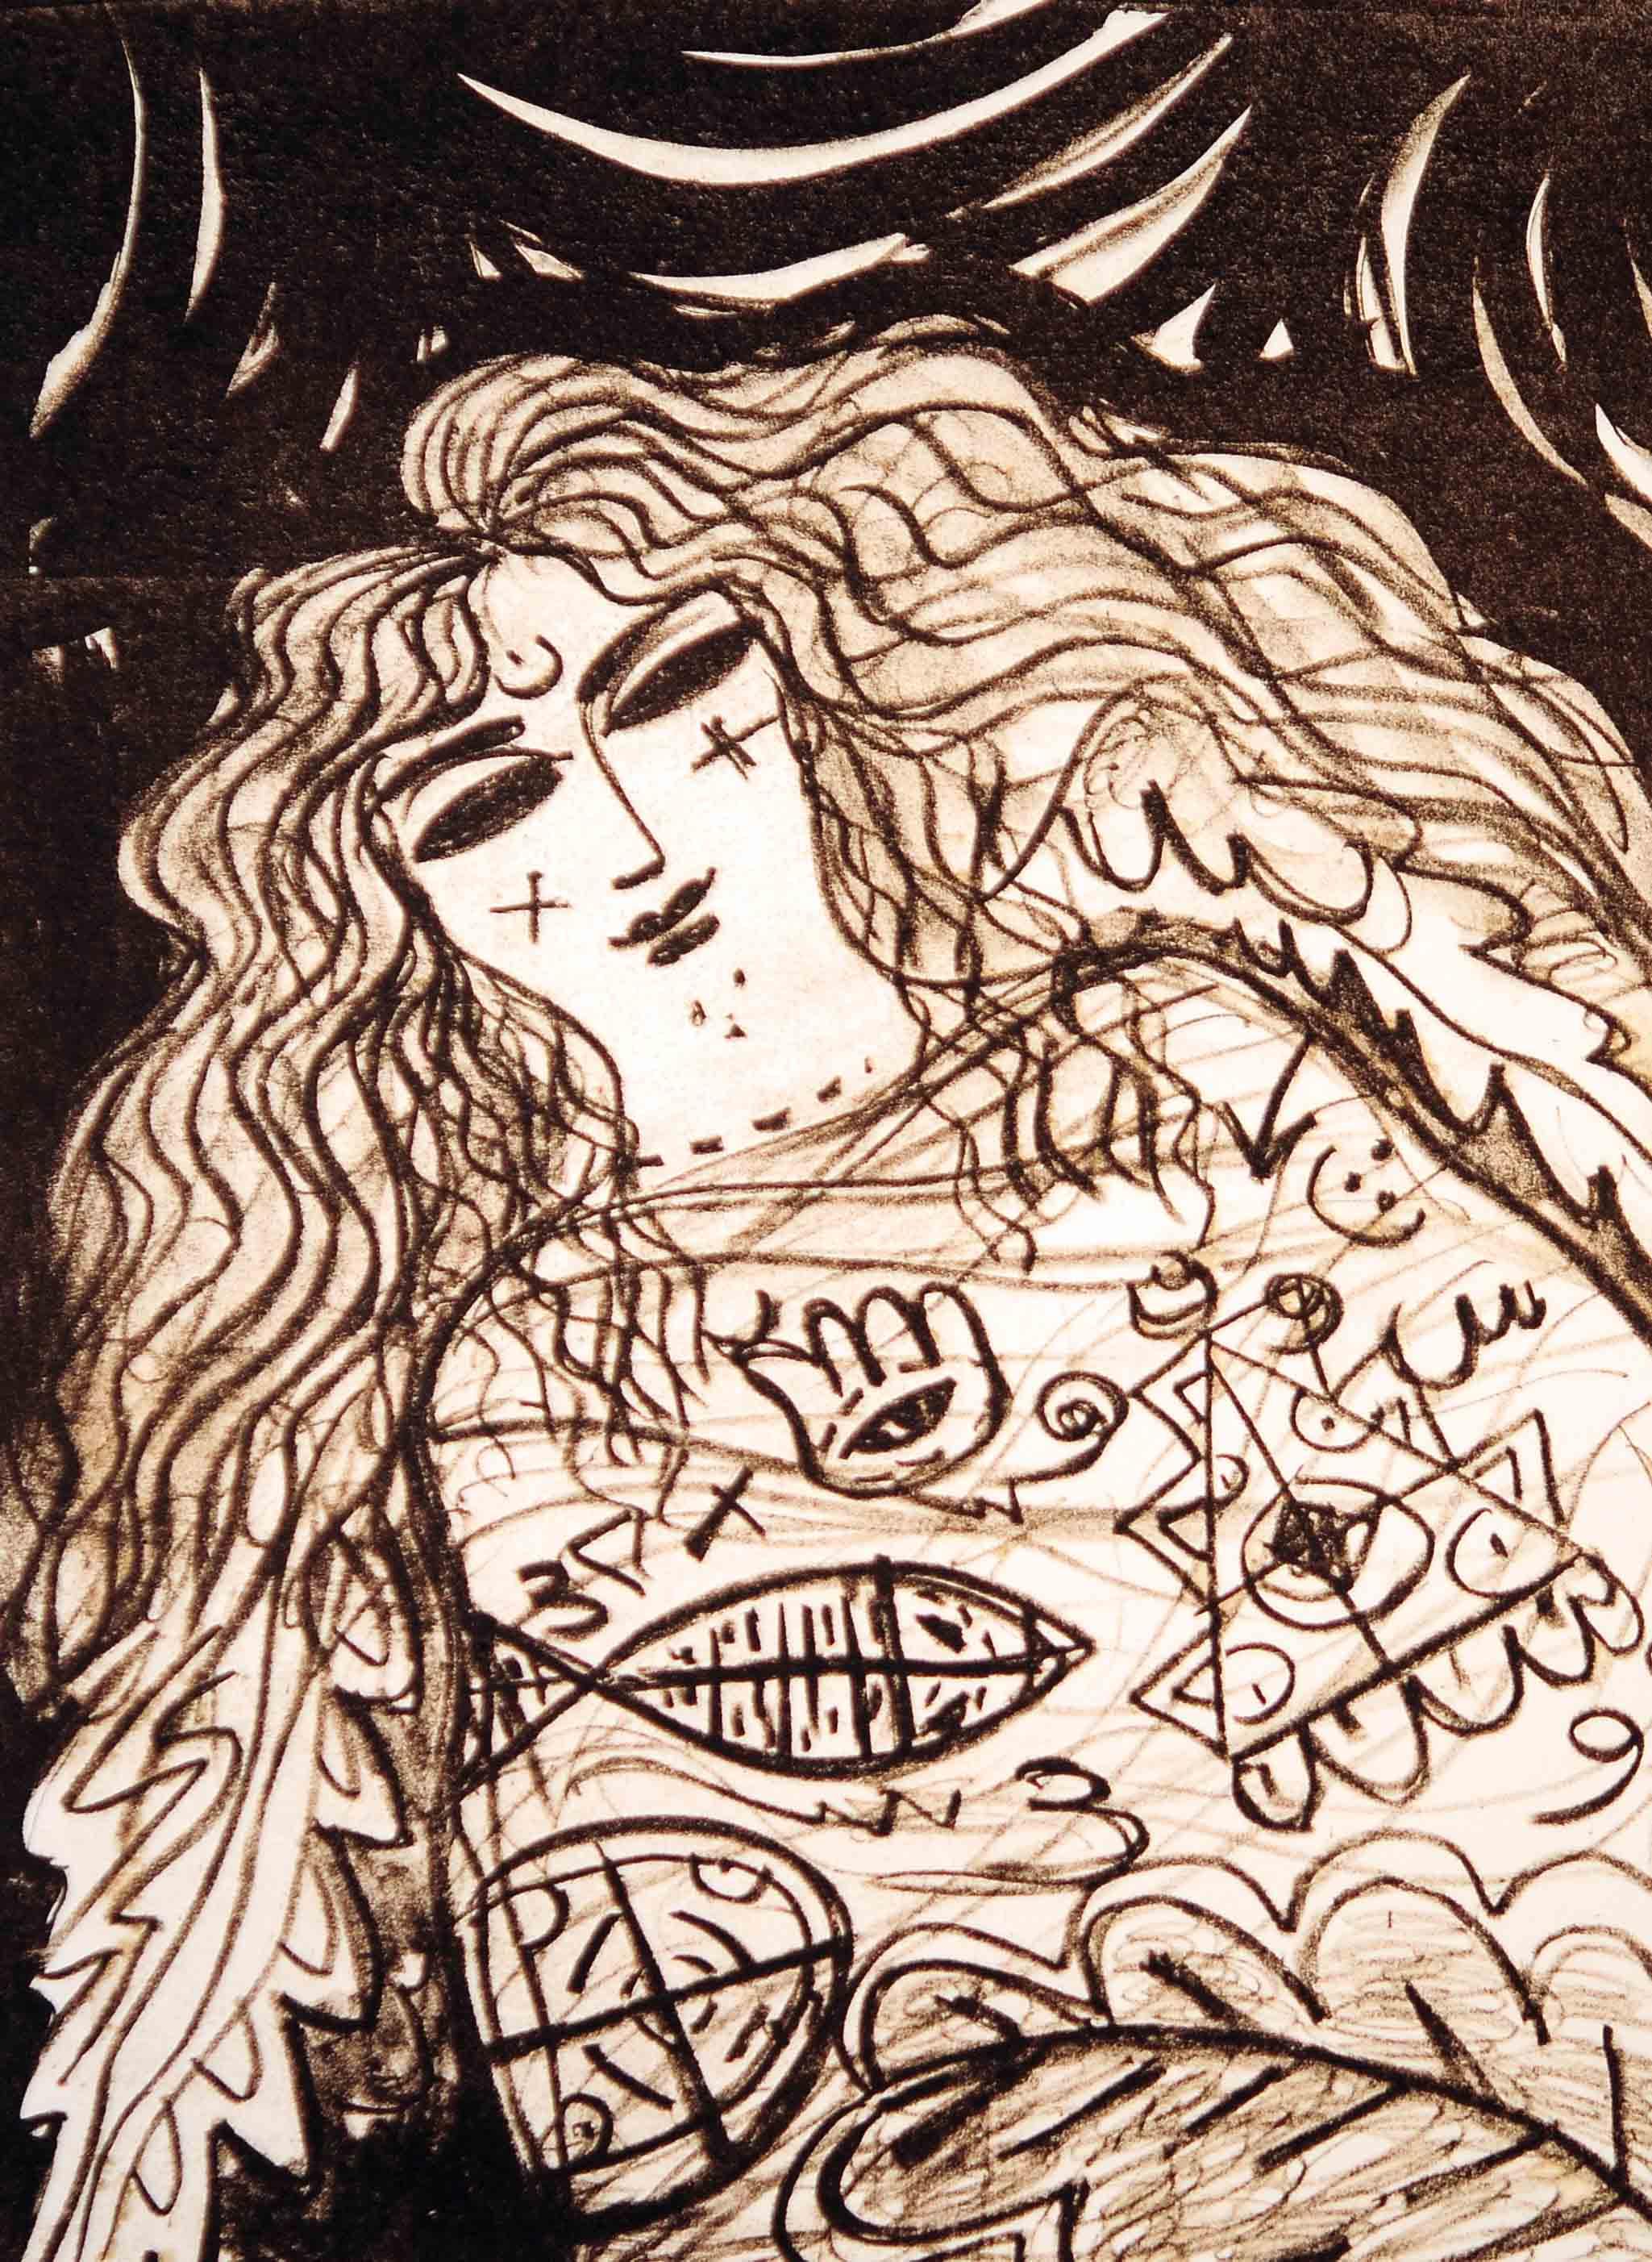 Amulet, 1997